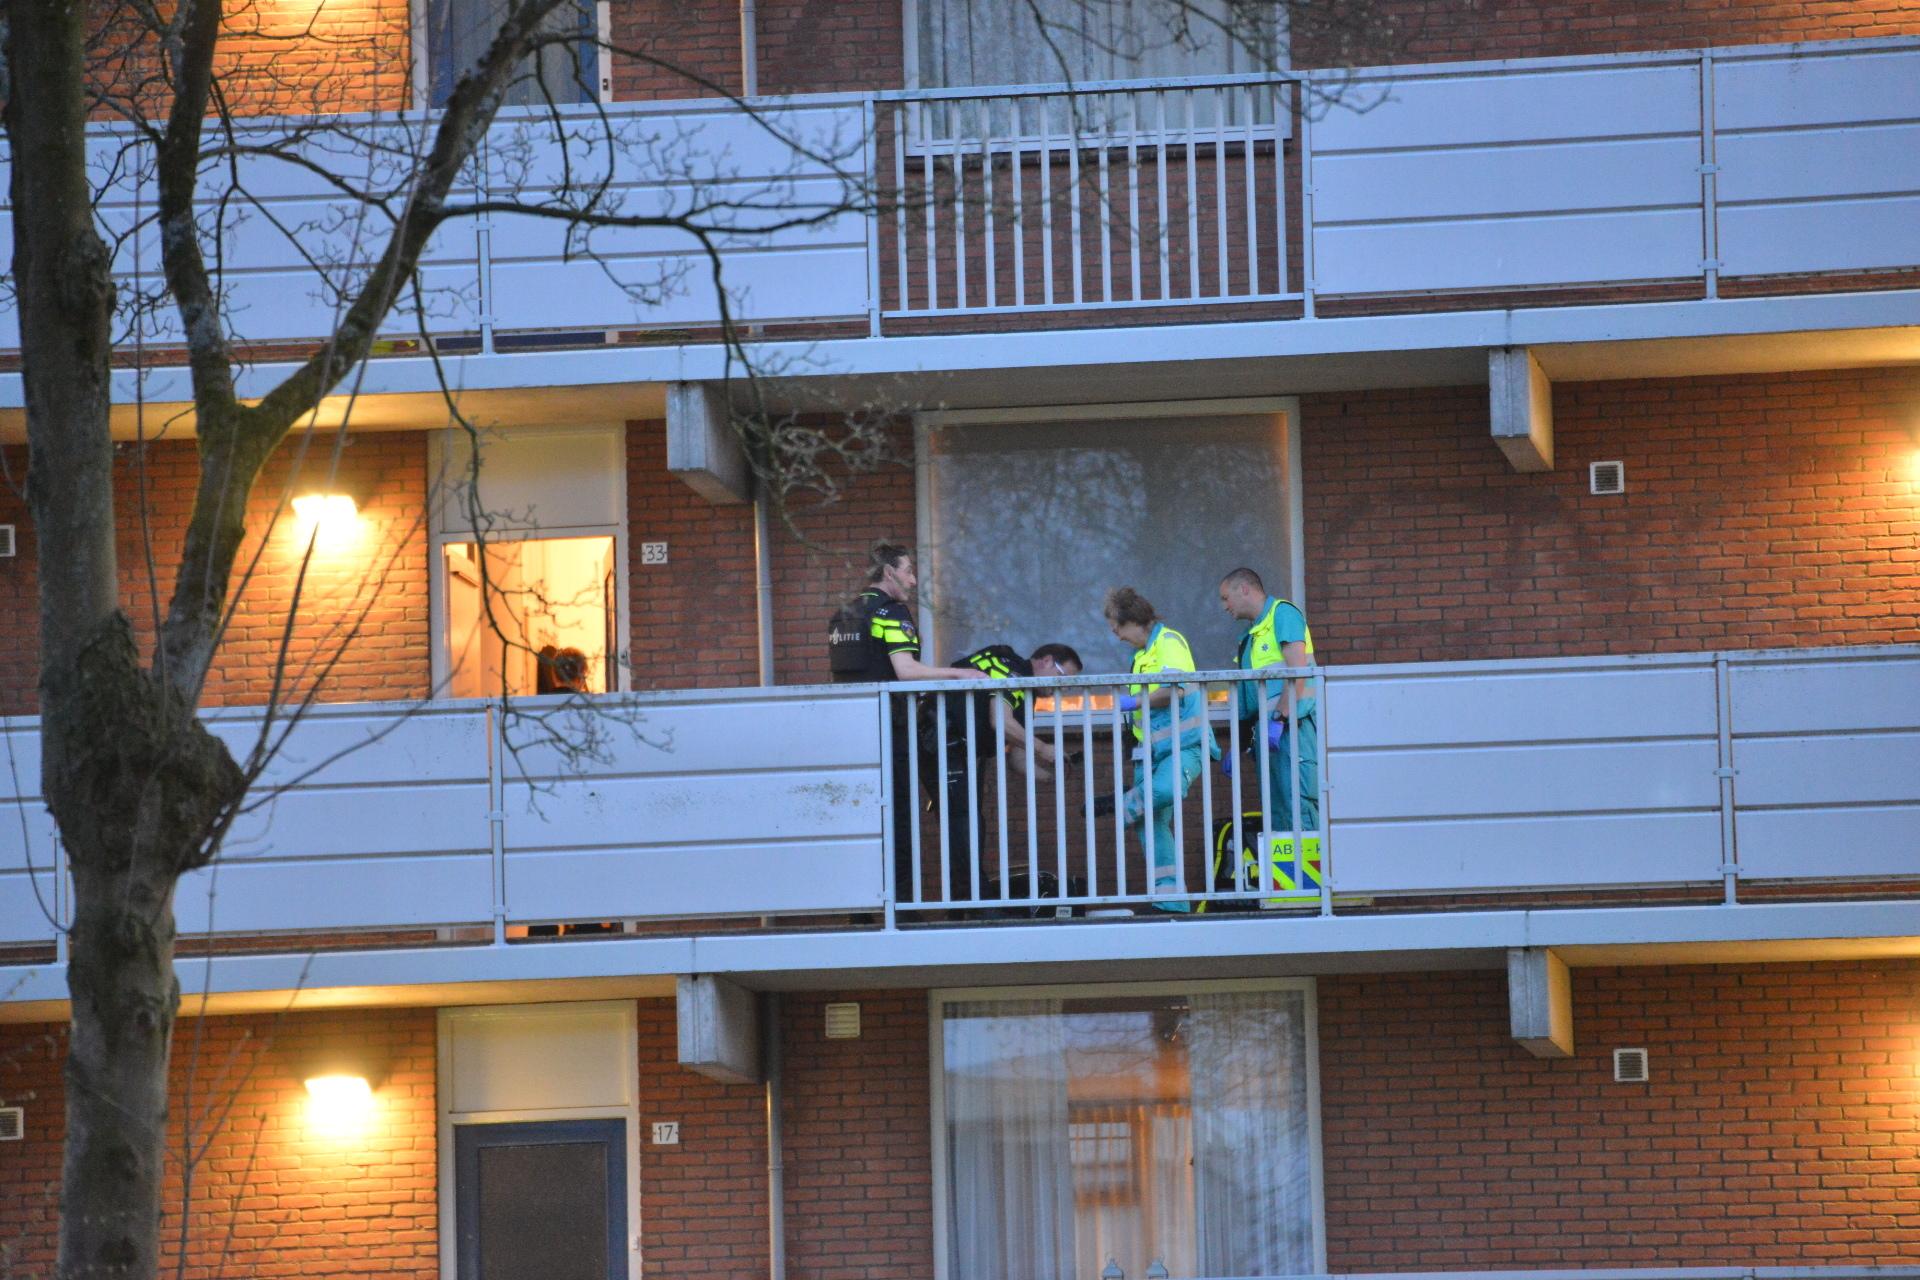 Bij een schietincident in de Sandenburgstraat is zondagavond een persoon overleden.